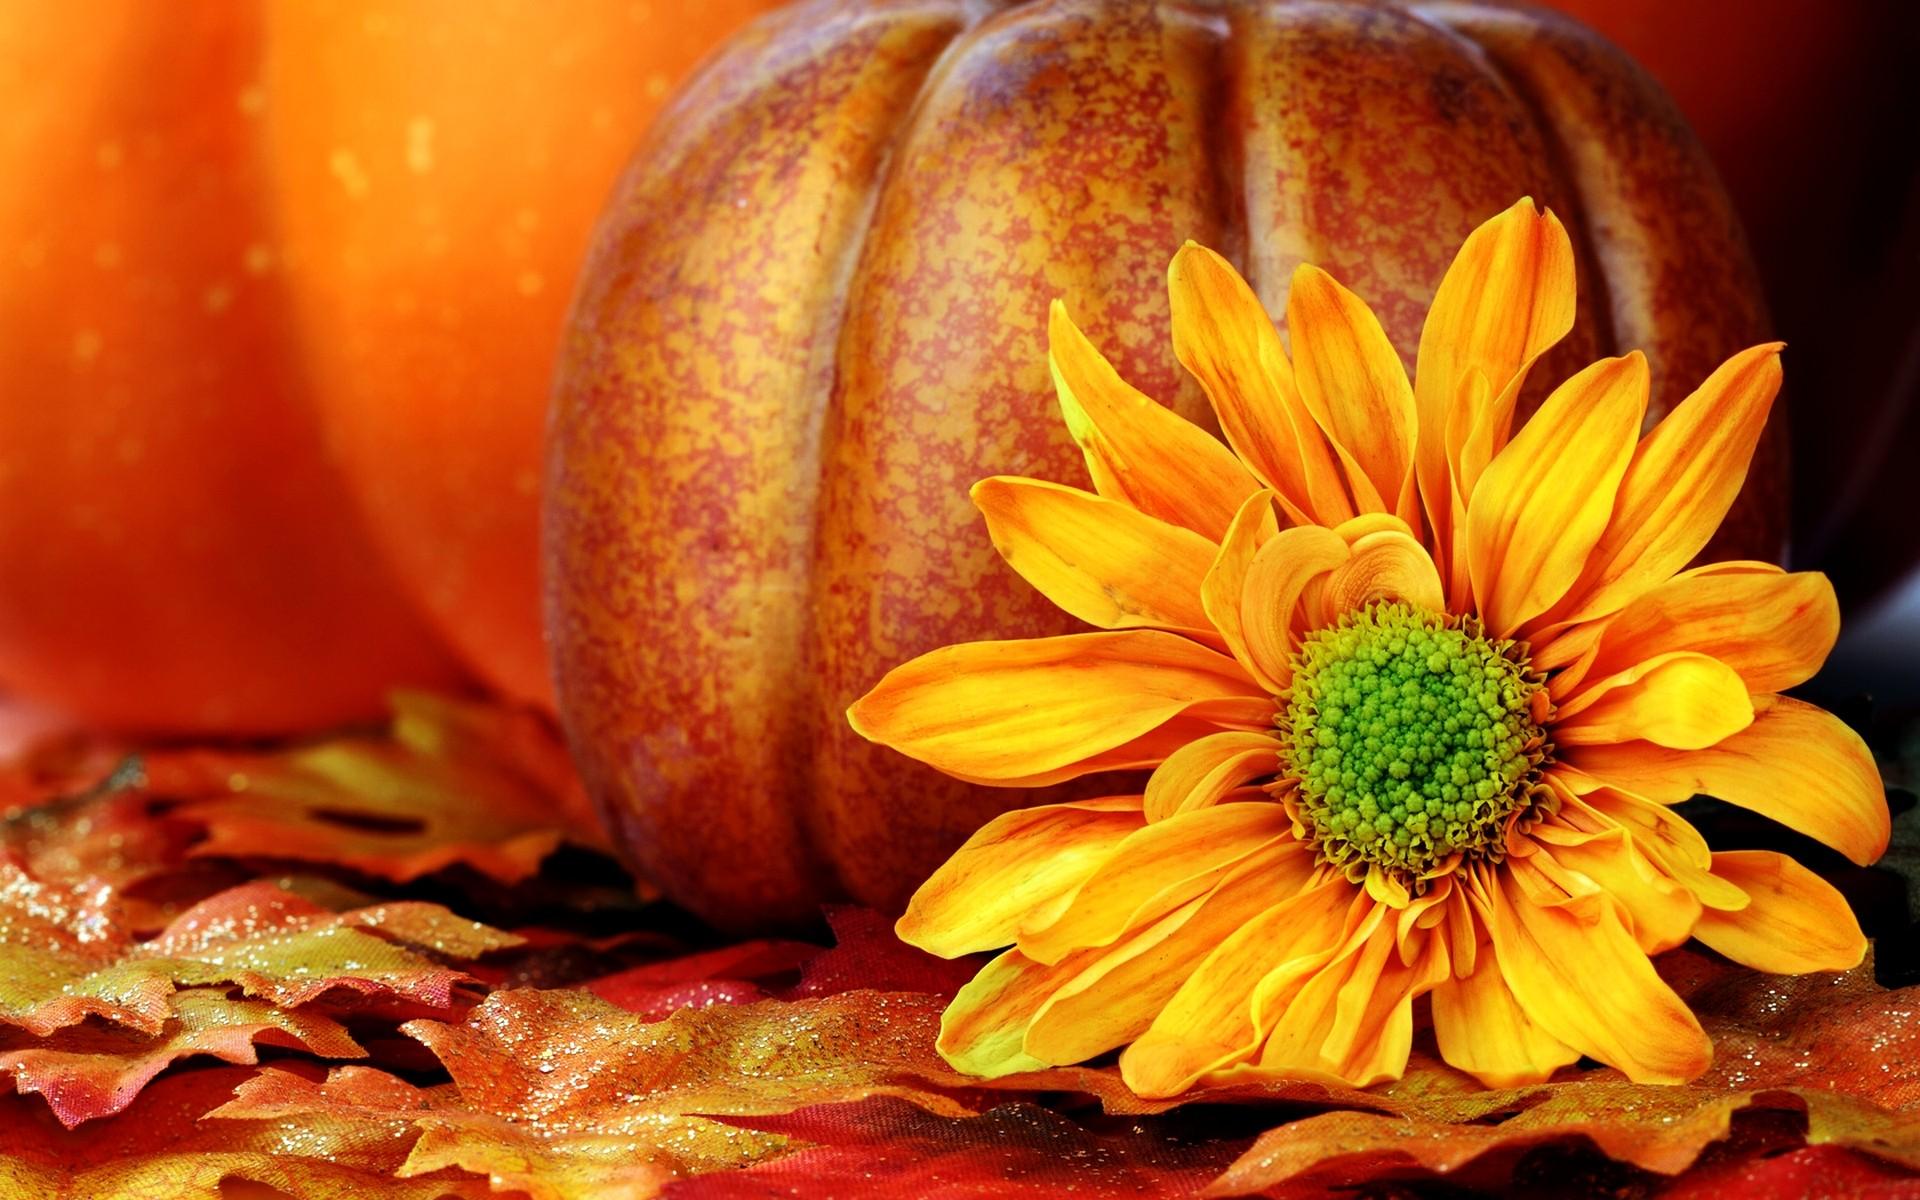 Fall pumpkin Computer wallpaper high.